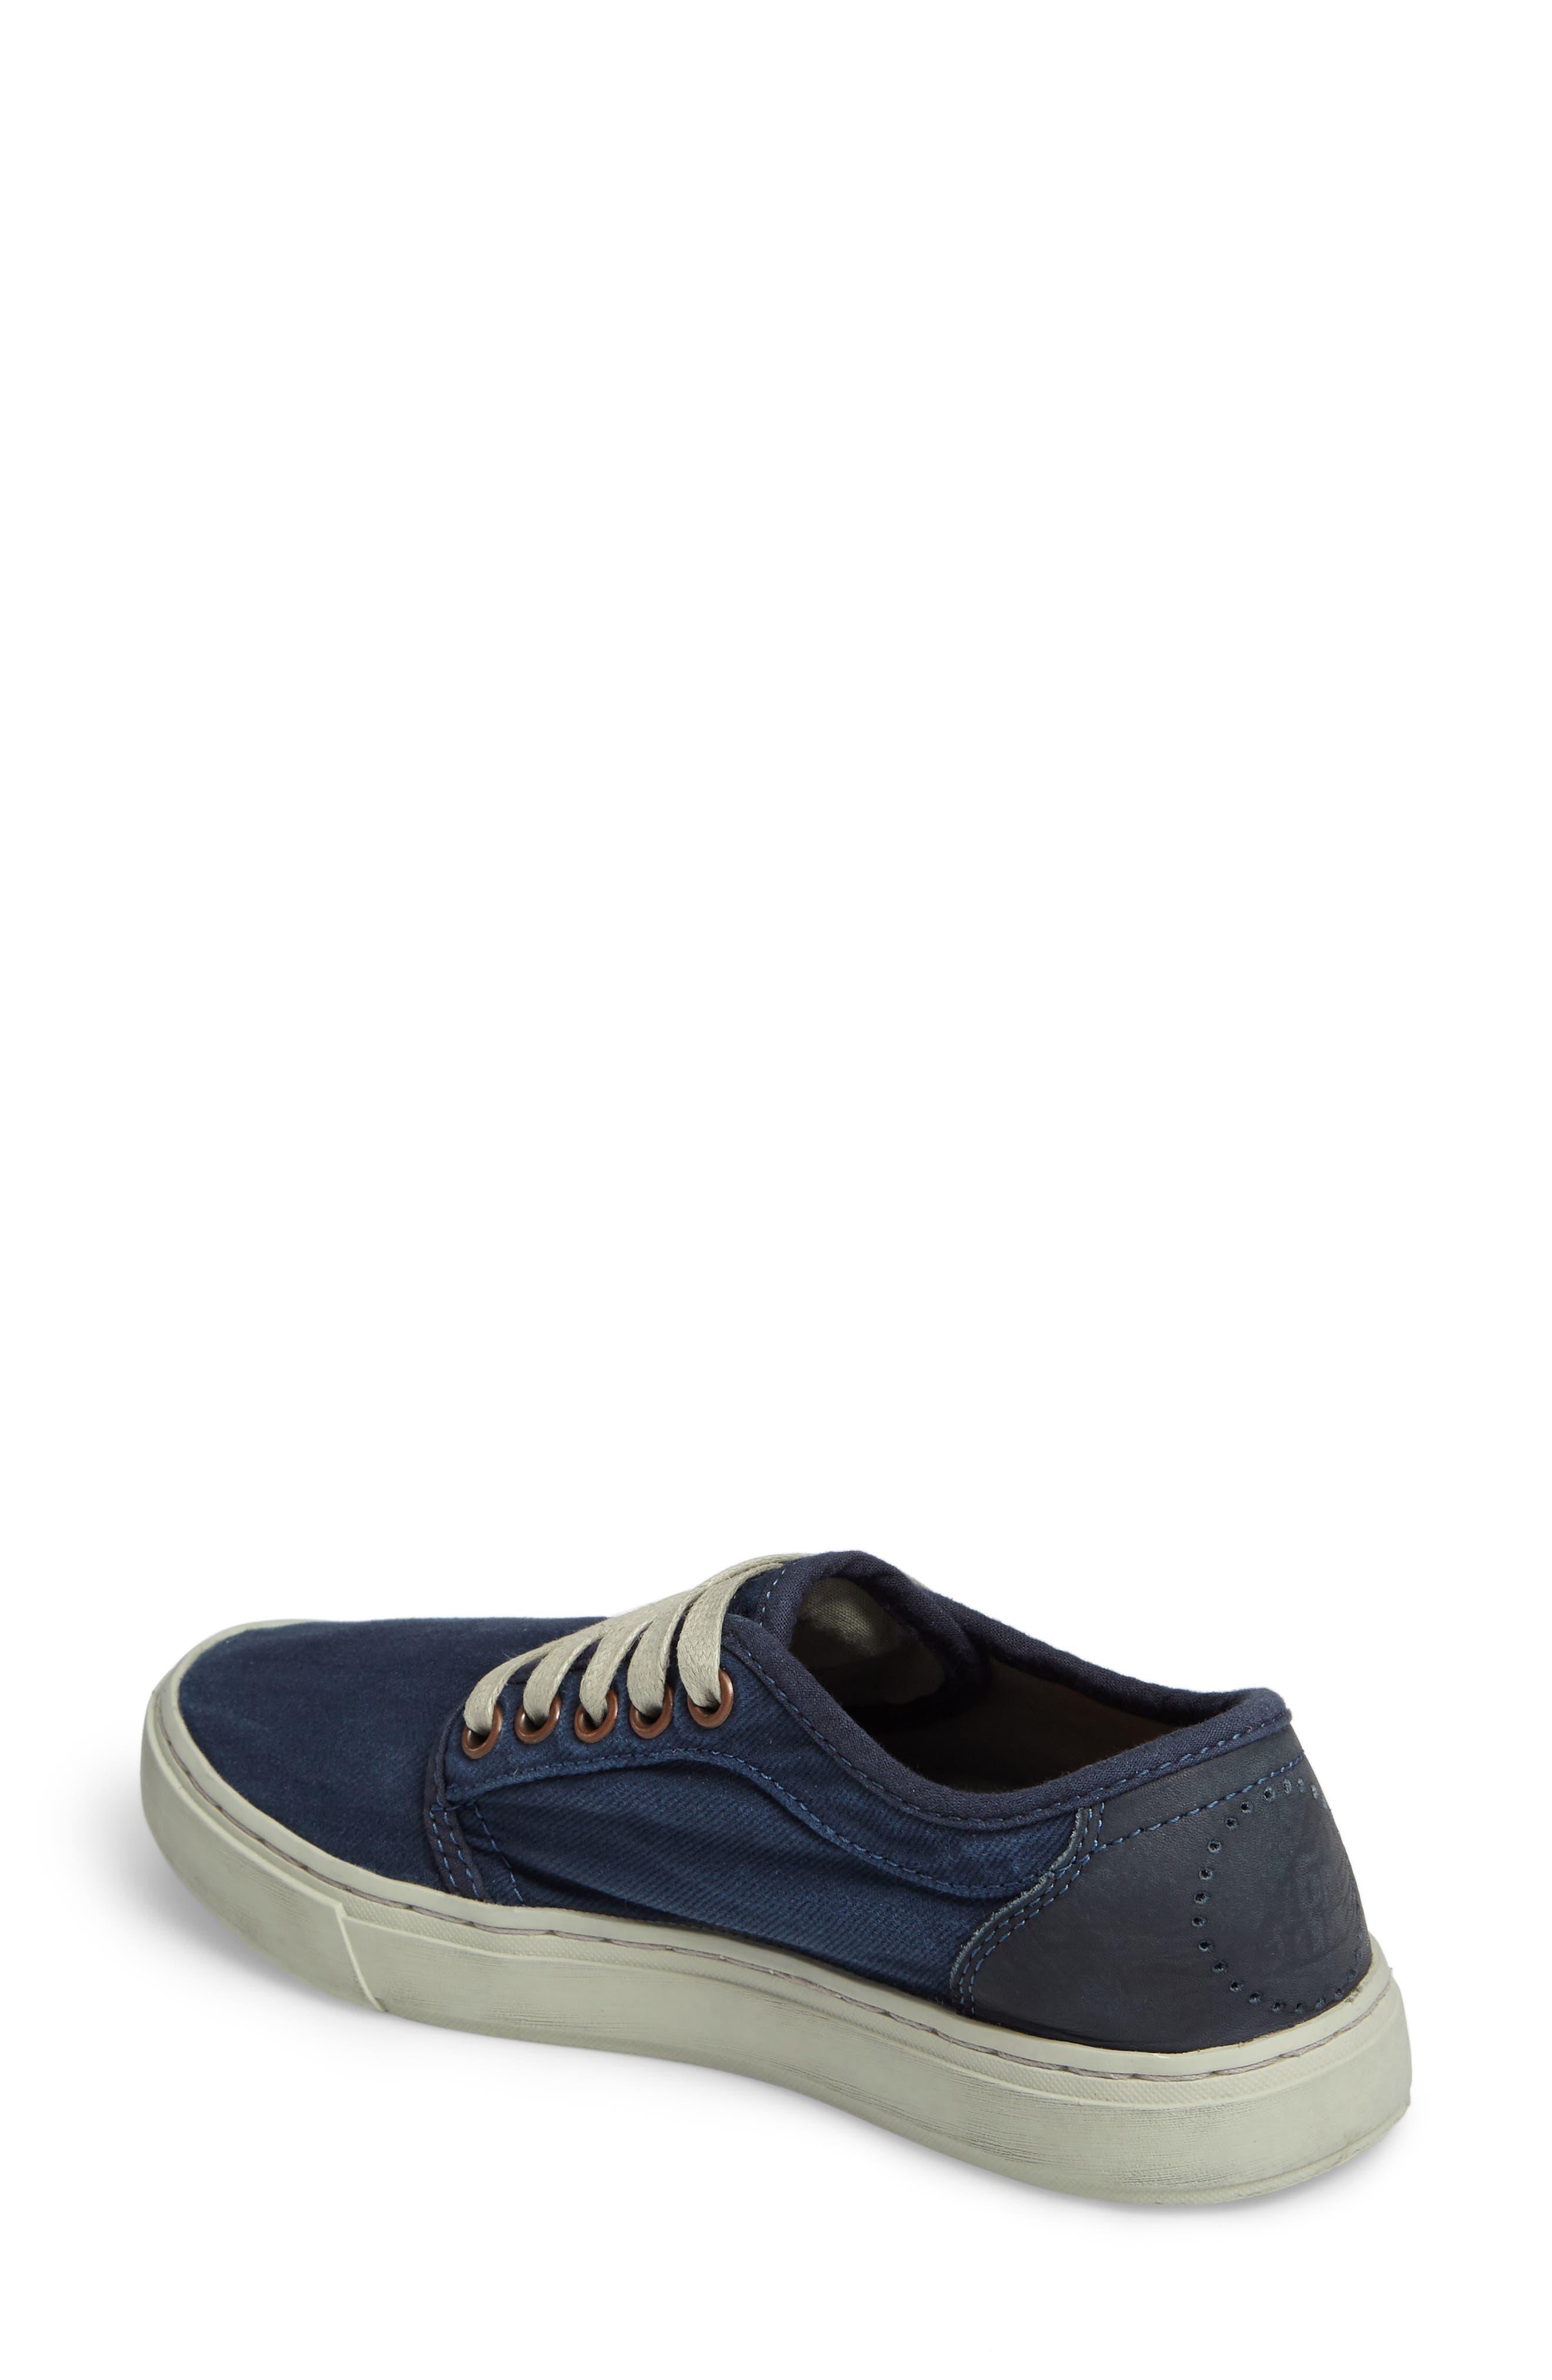 Heisei Sneaker,                             Alternate thumbnail 2, color,                             401